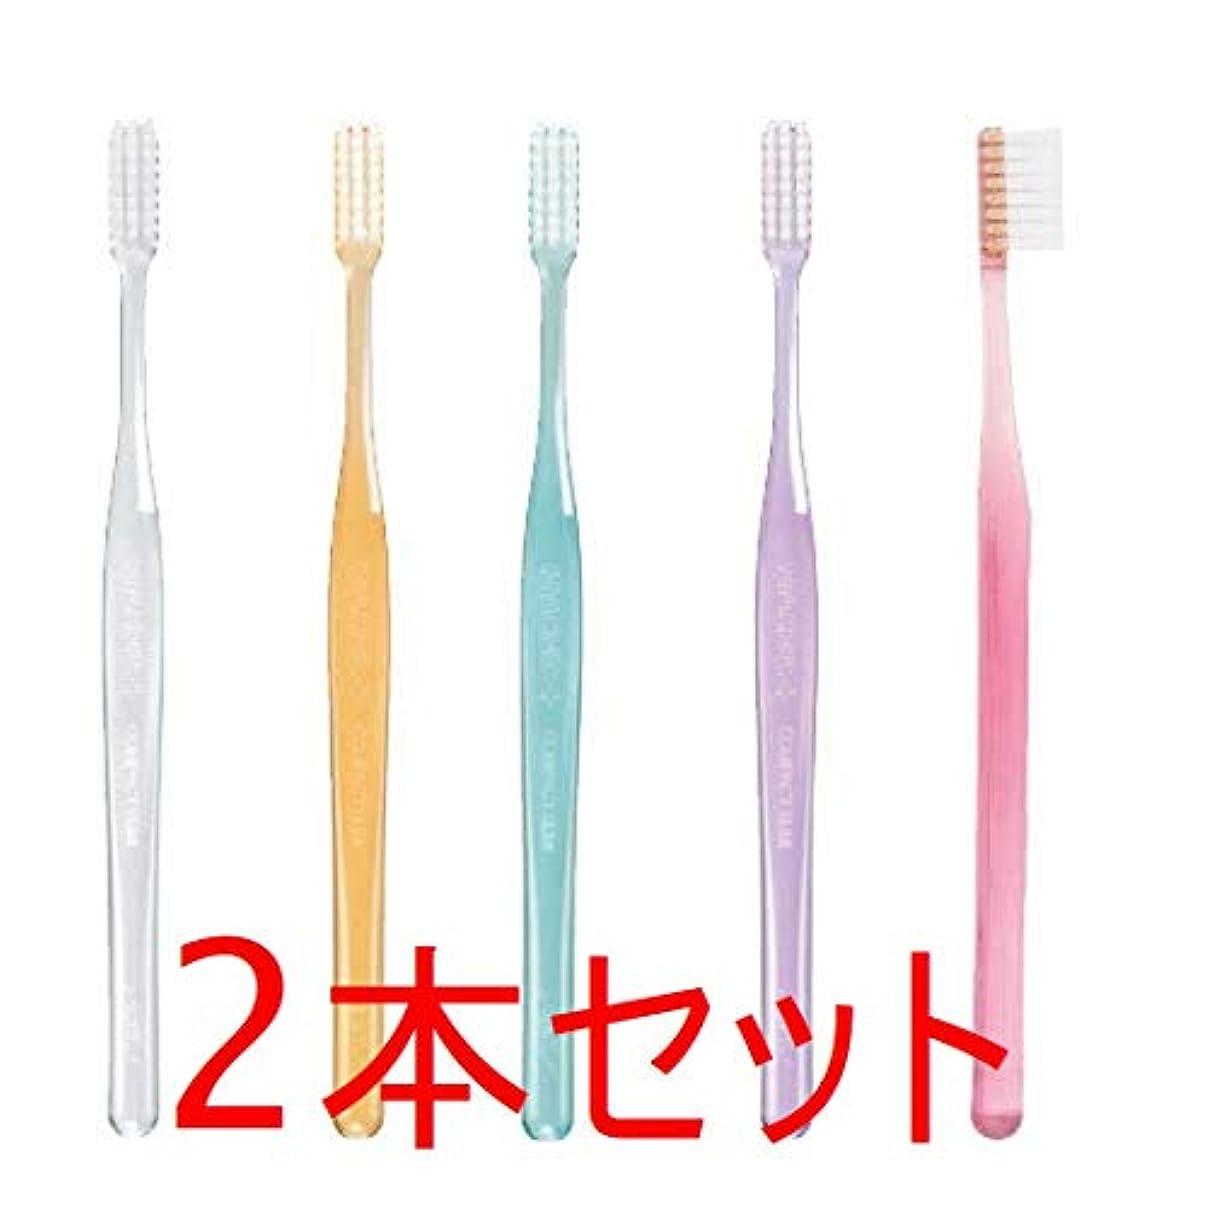 祖母時代遅れ広範囲GC プロスペック 歯ブラシ プラス コンパクトスリム 2本 クリアー色 (M(ふつう), おまかせ)